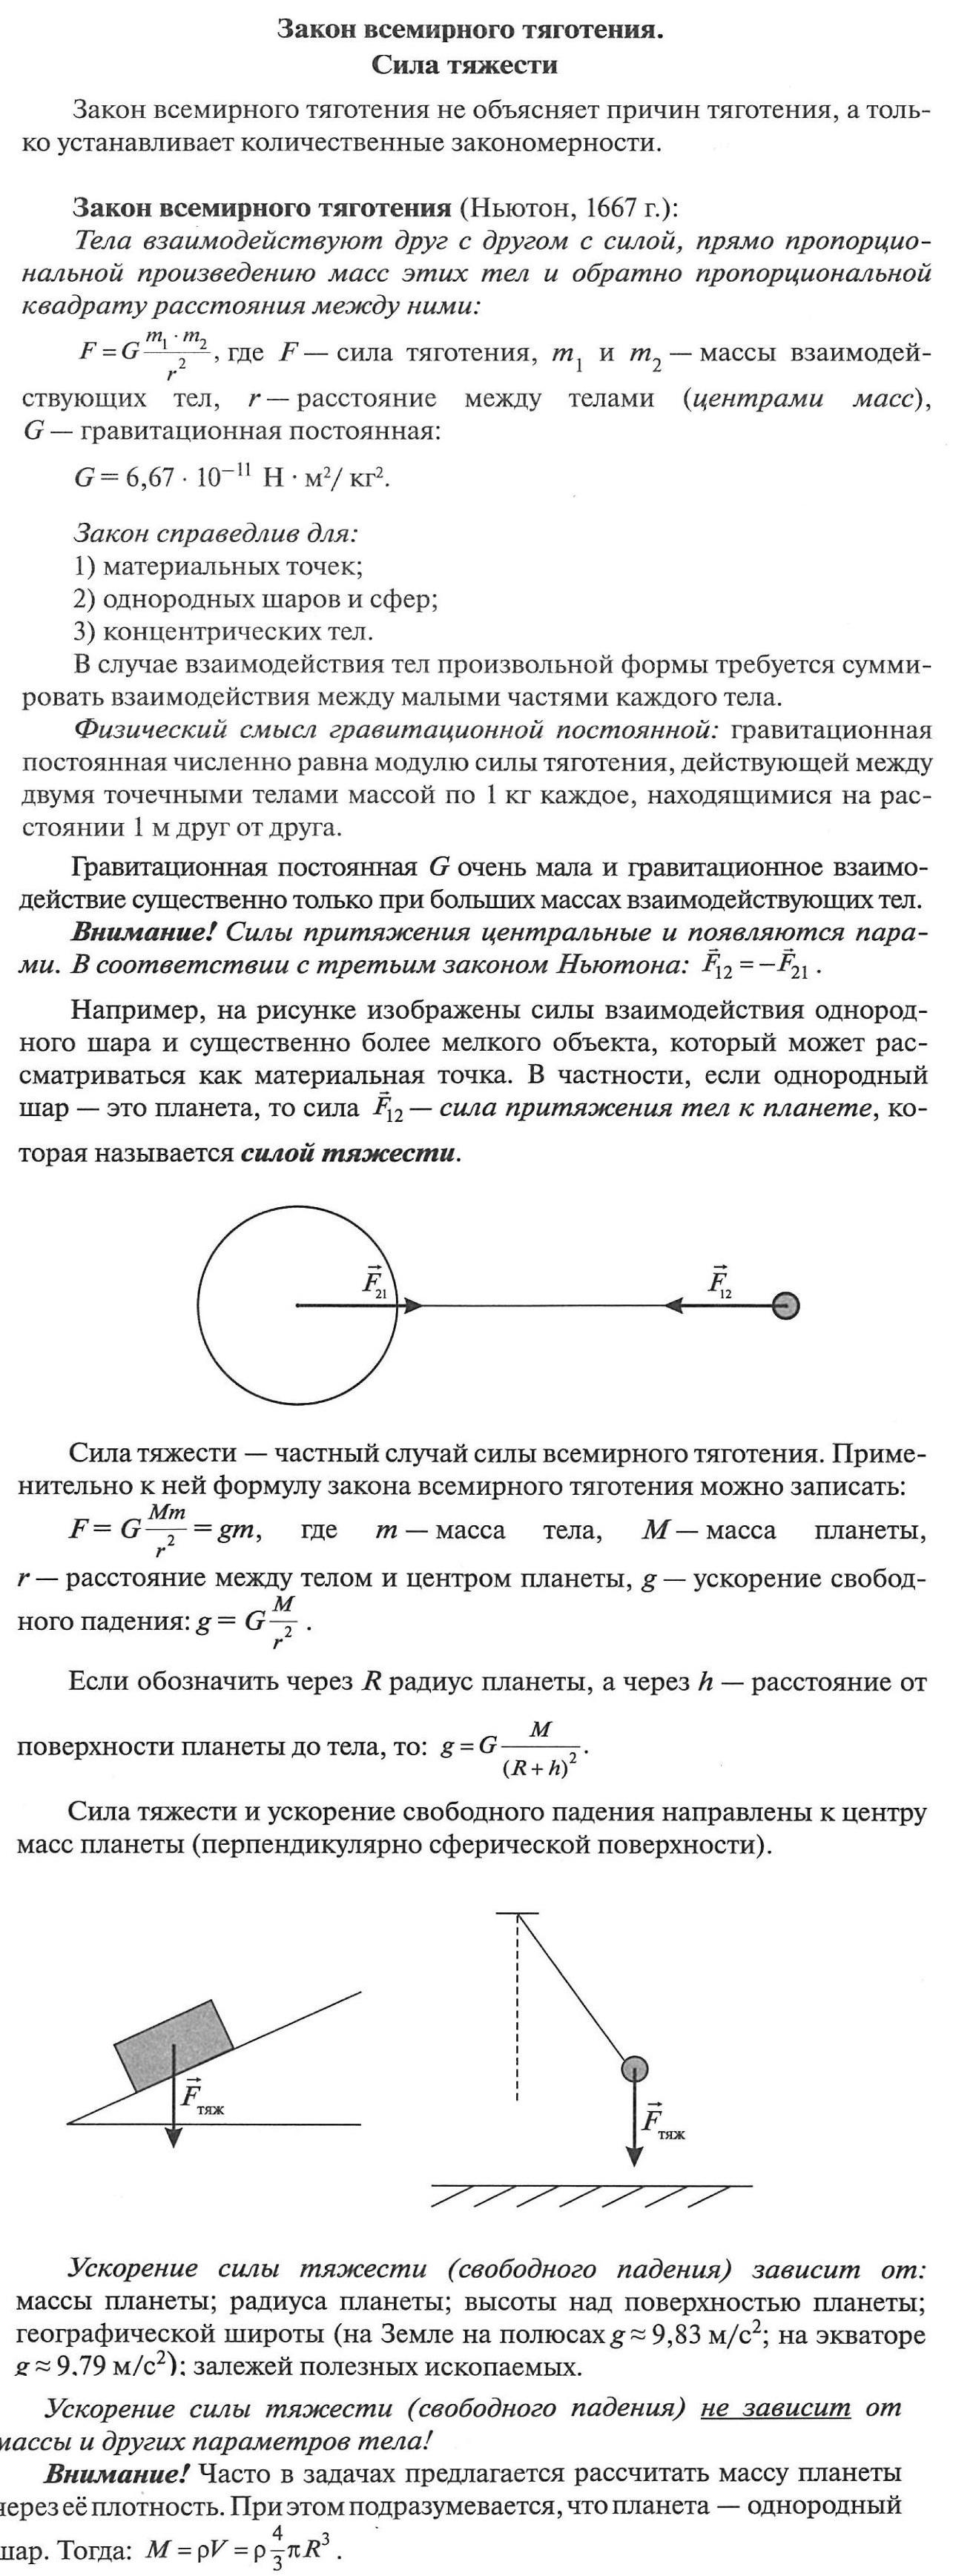 презентация по физике на тему силы в механике